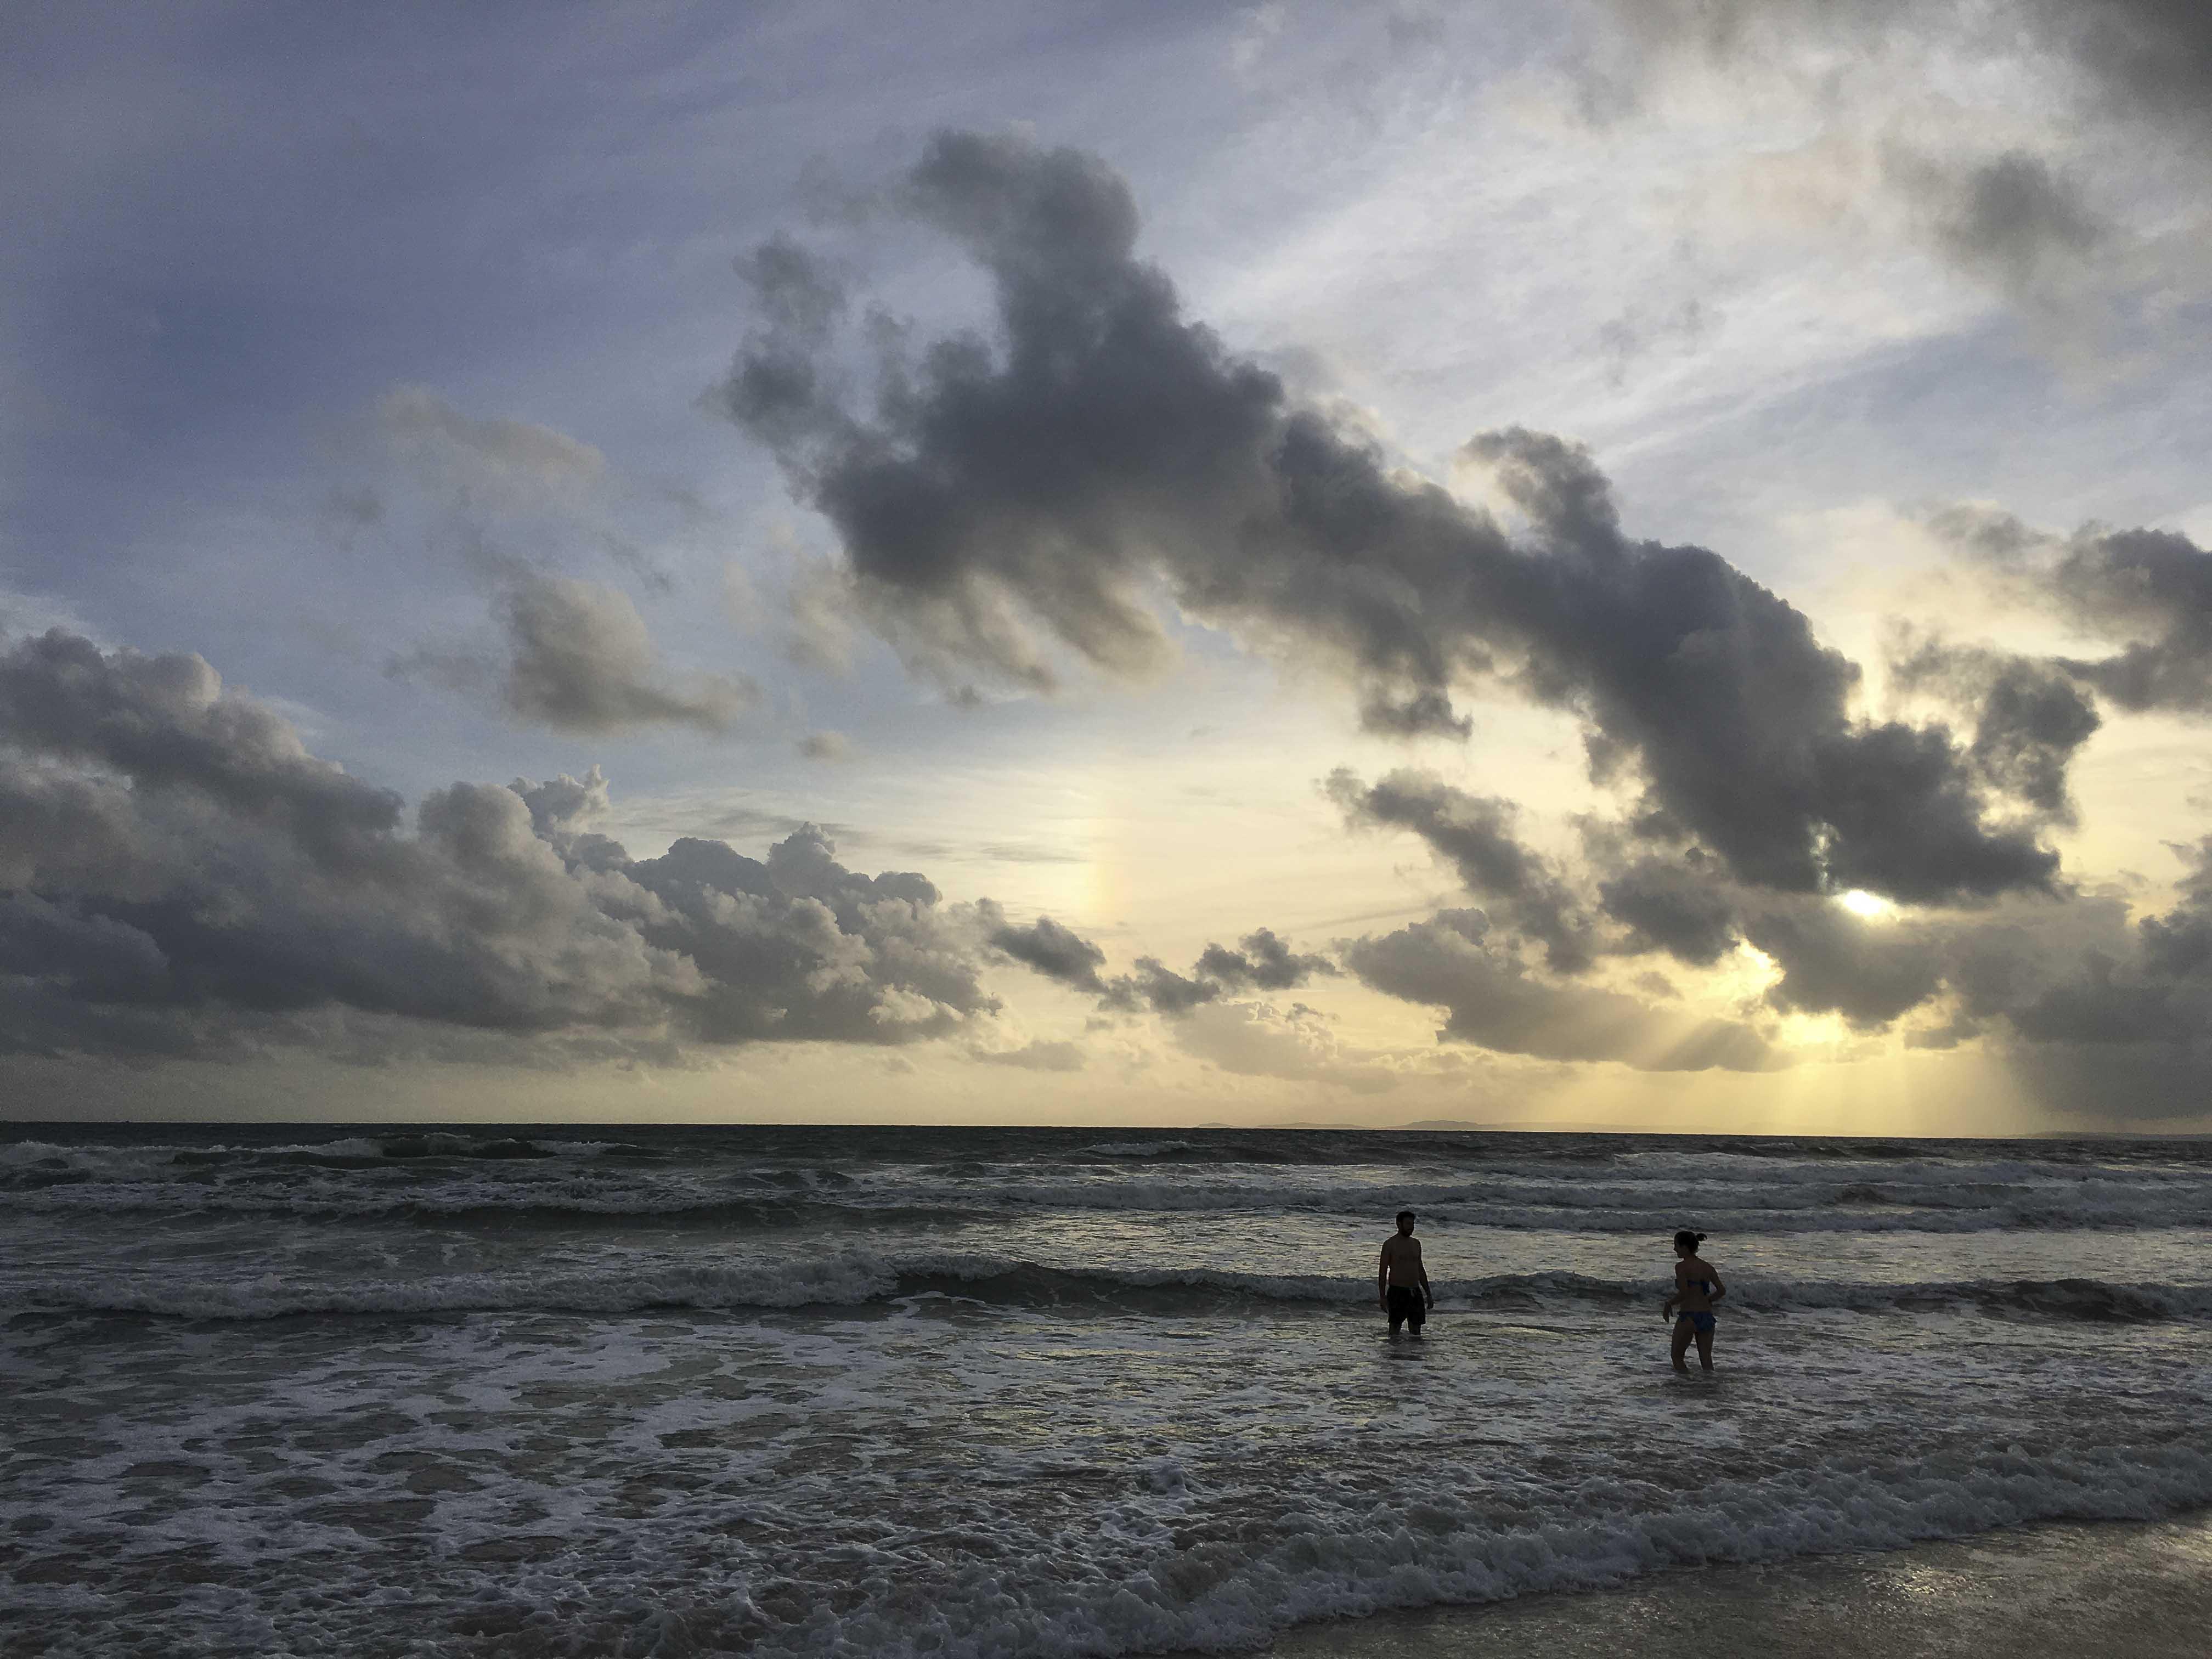 Man muss nicht unbedingt auf die Insel - die Strände des Otres Beaches I und II sind durchaus schön